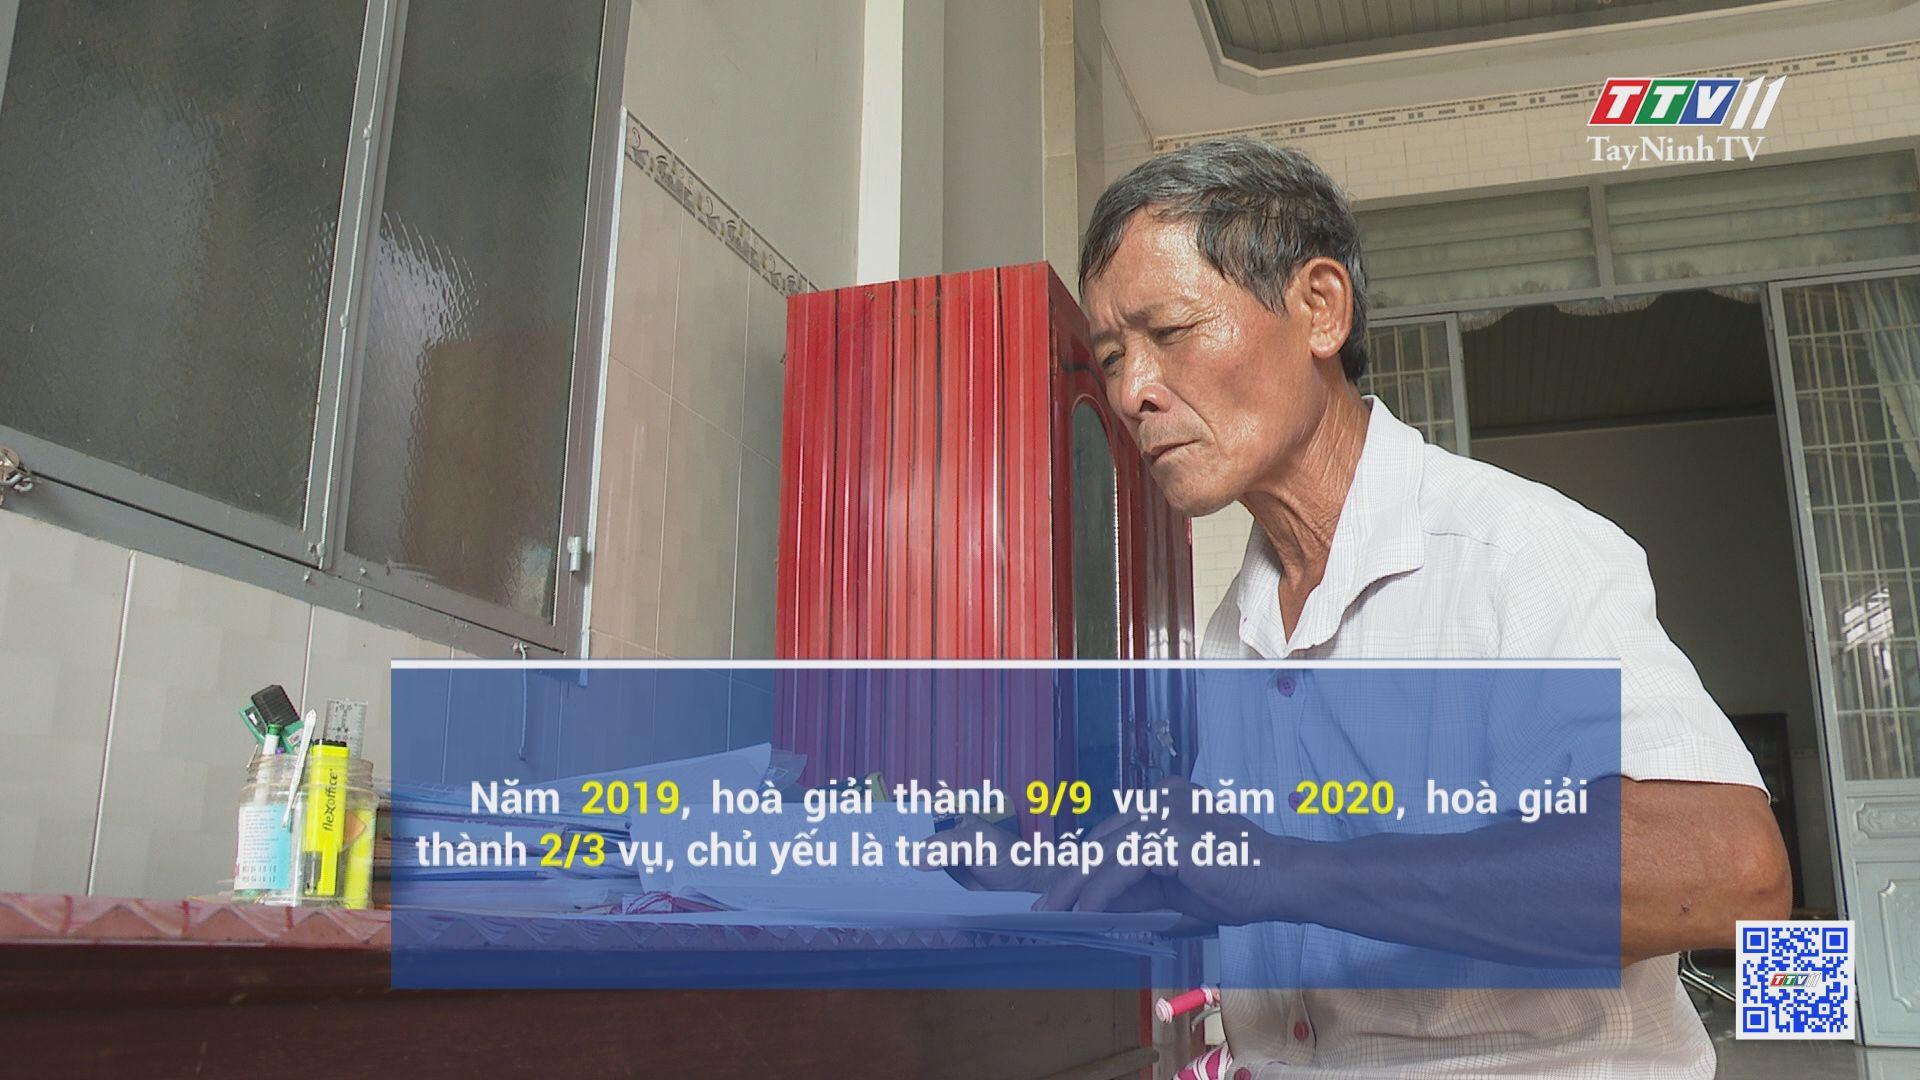 Người vác tù và hàng tổng | ĐẠI ĐOÀN KẾT TOÀN DÂN | TayNinhTV